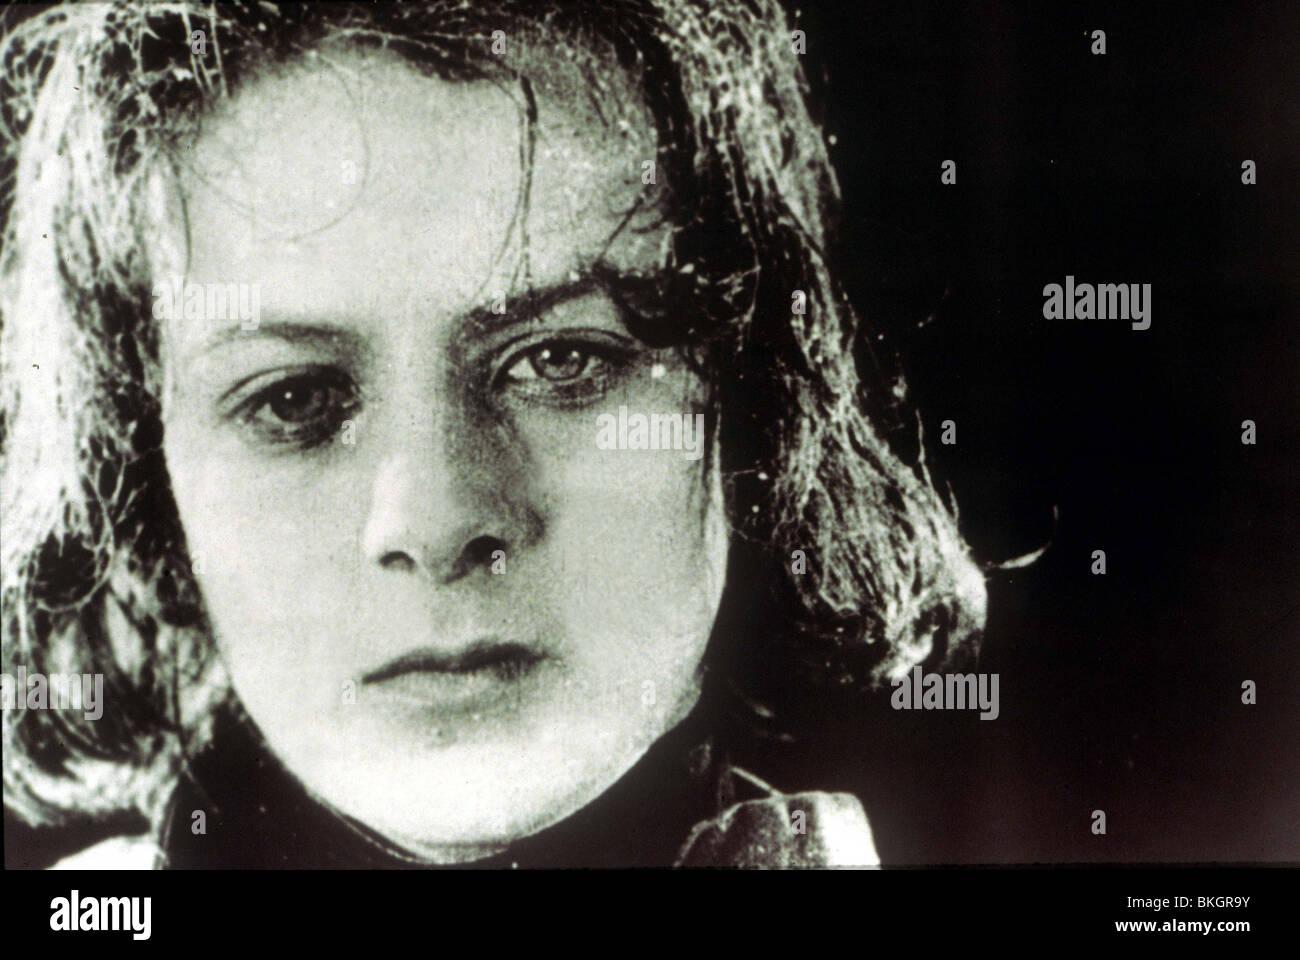 NAPOLEON (1927) VLADIMIR ROUDENKO NPLN 001 - Stock Image